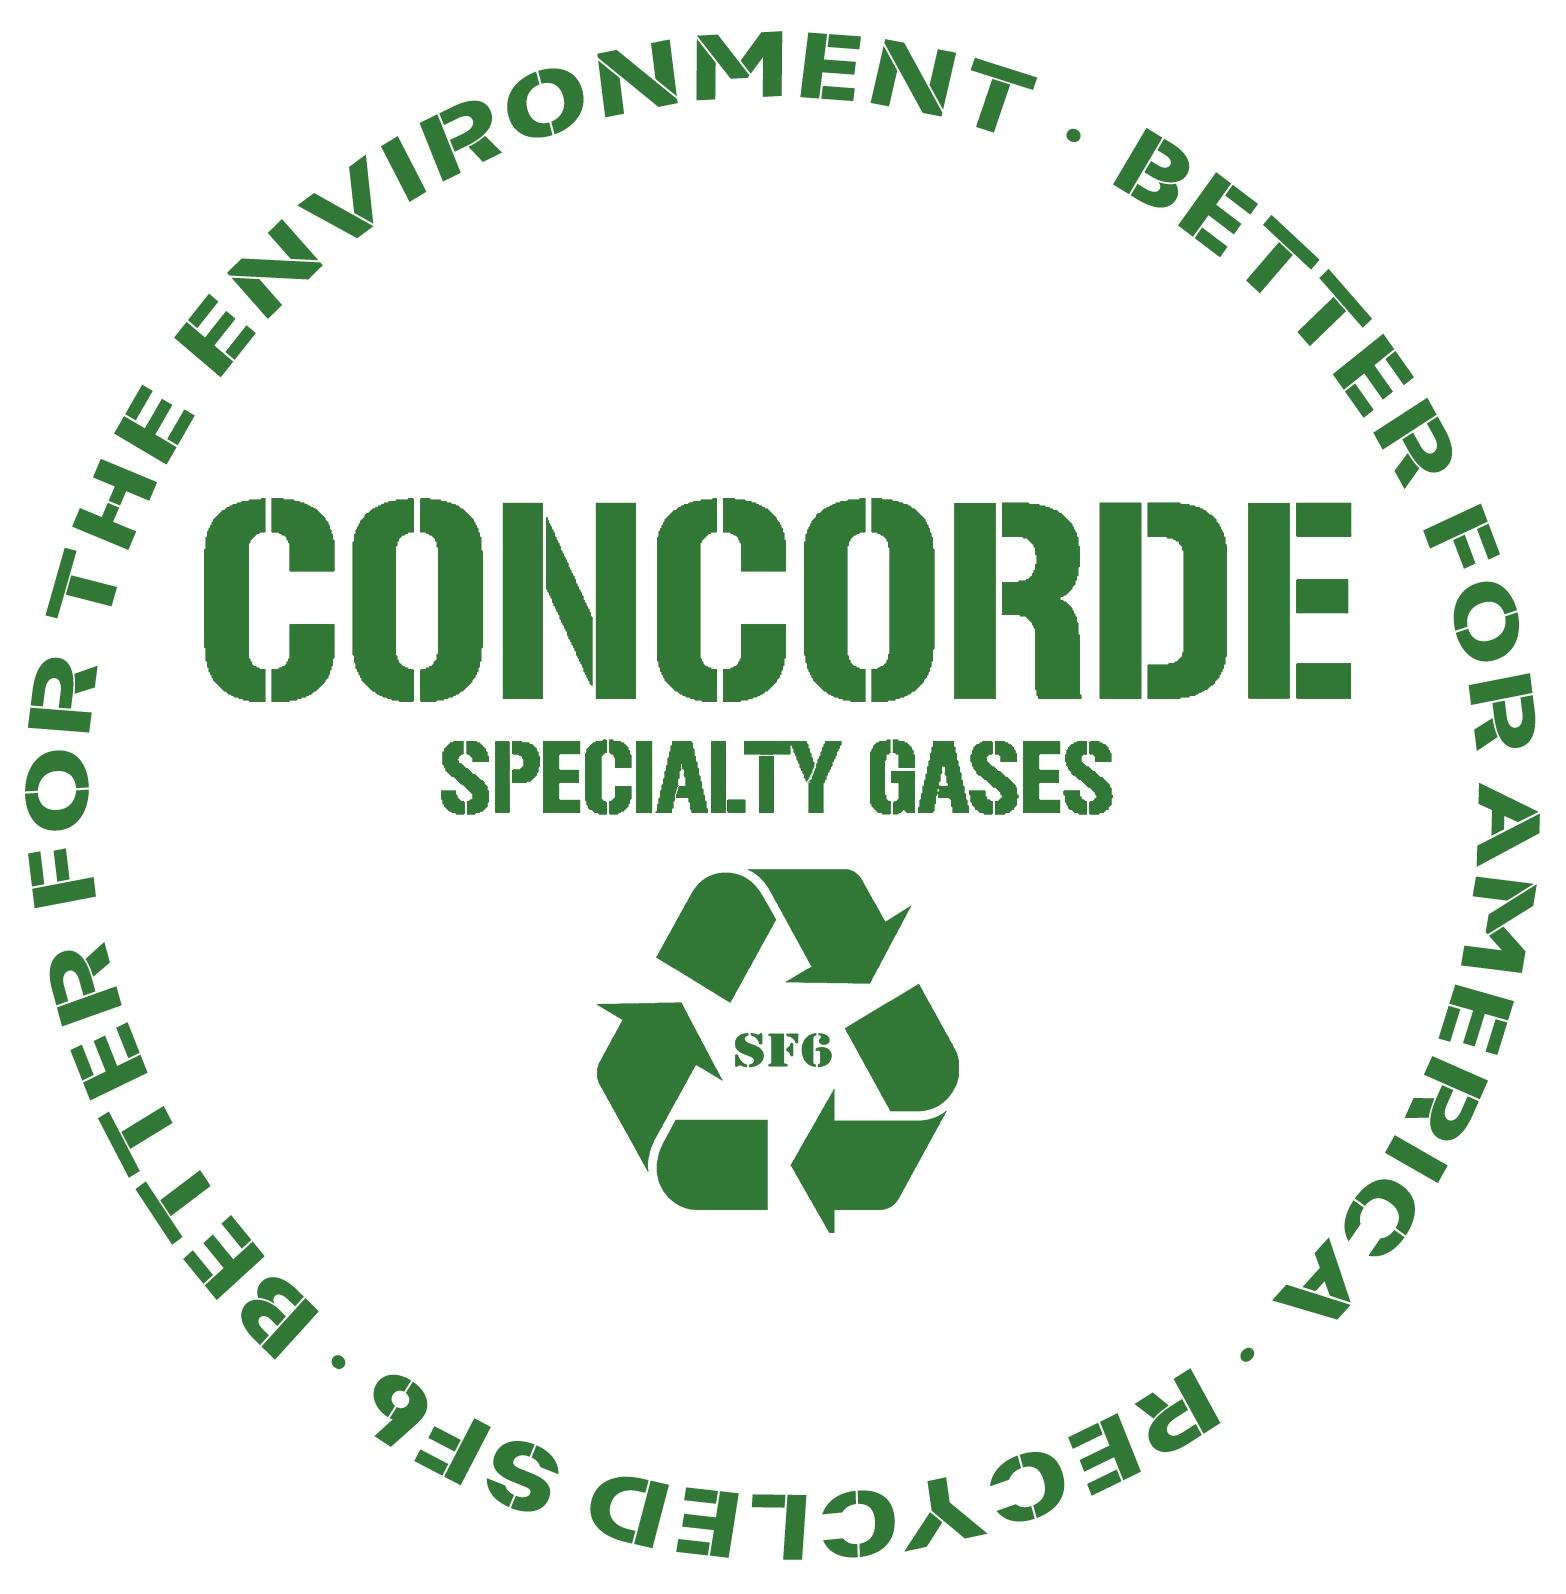 recycle sf6 gas logo via concorde specialty gases